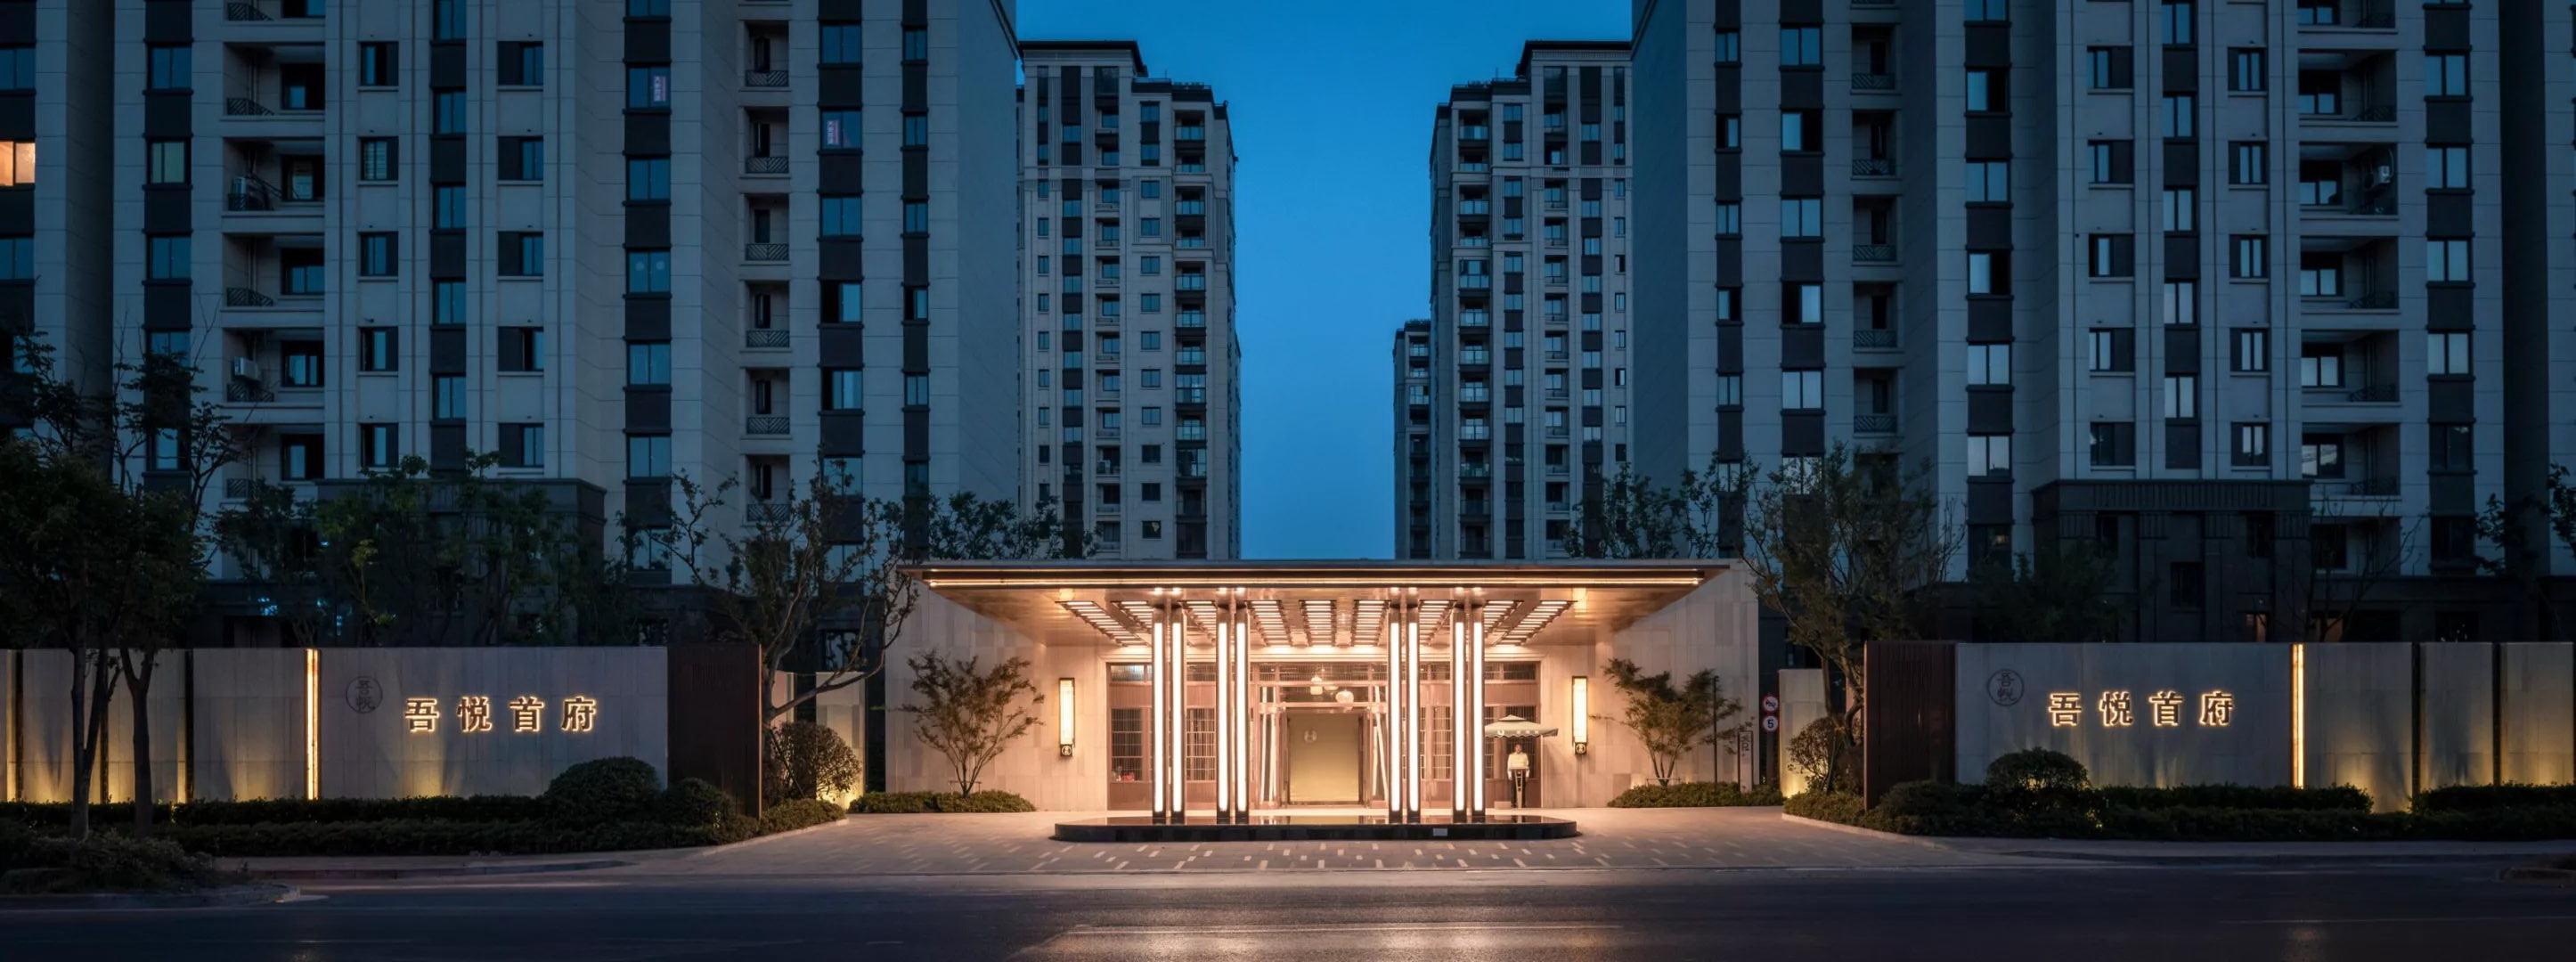 扬州新城吾悦首府景观设计 / 山水比德